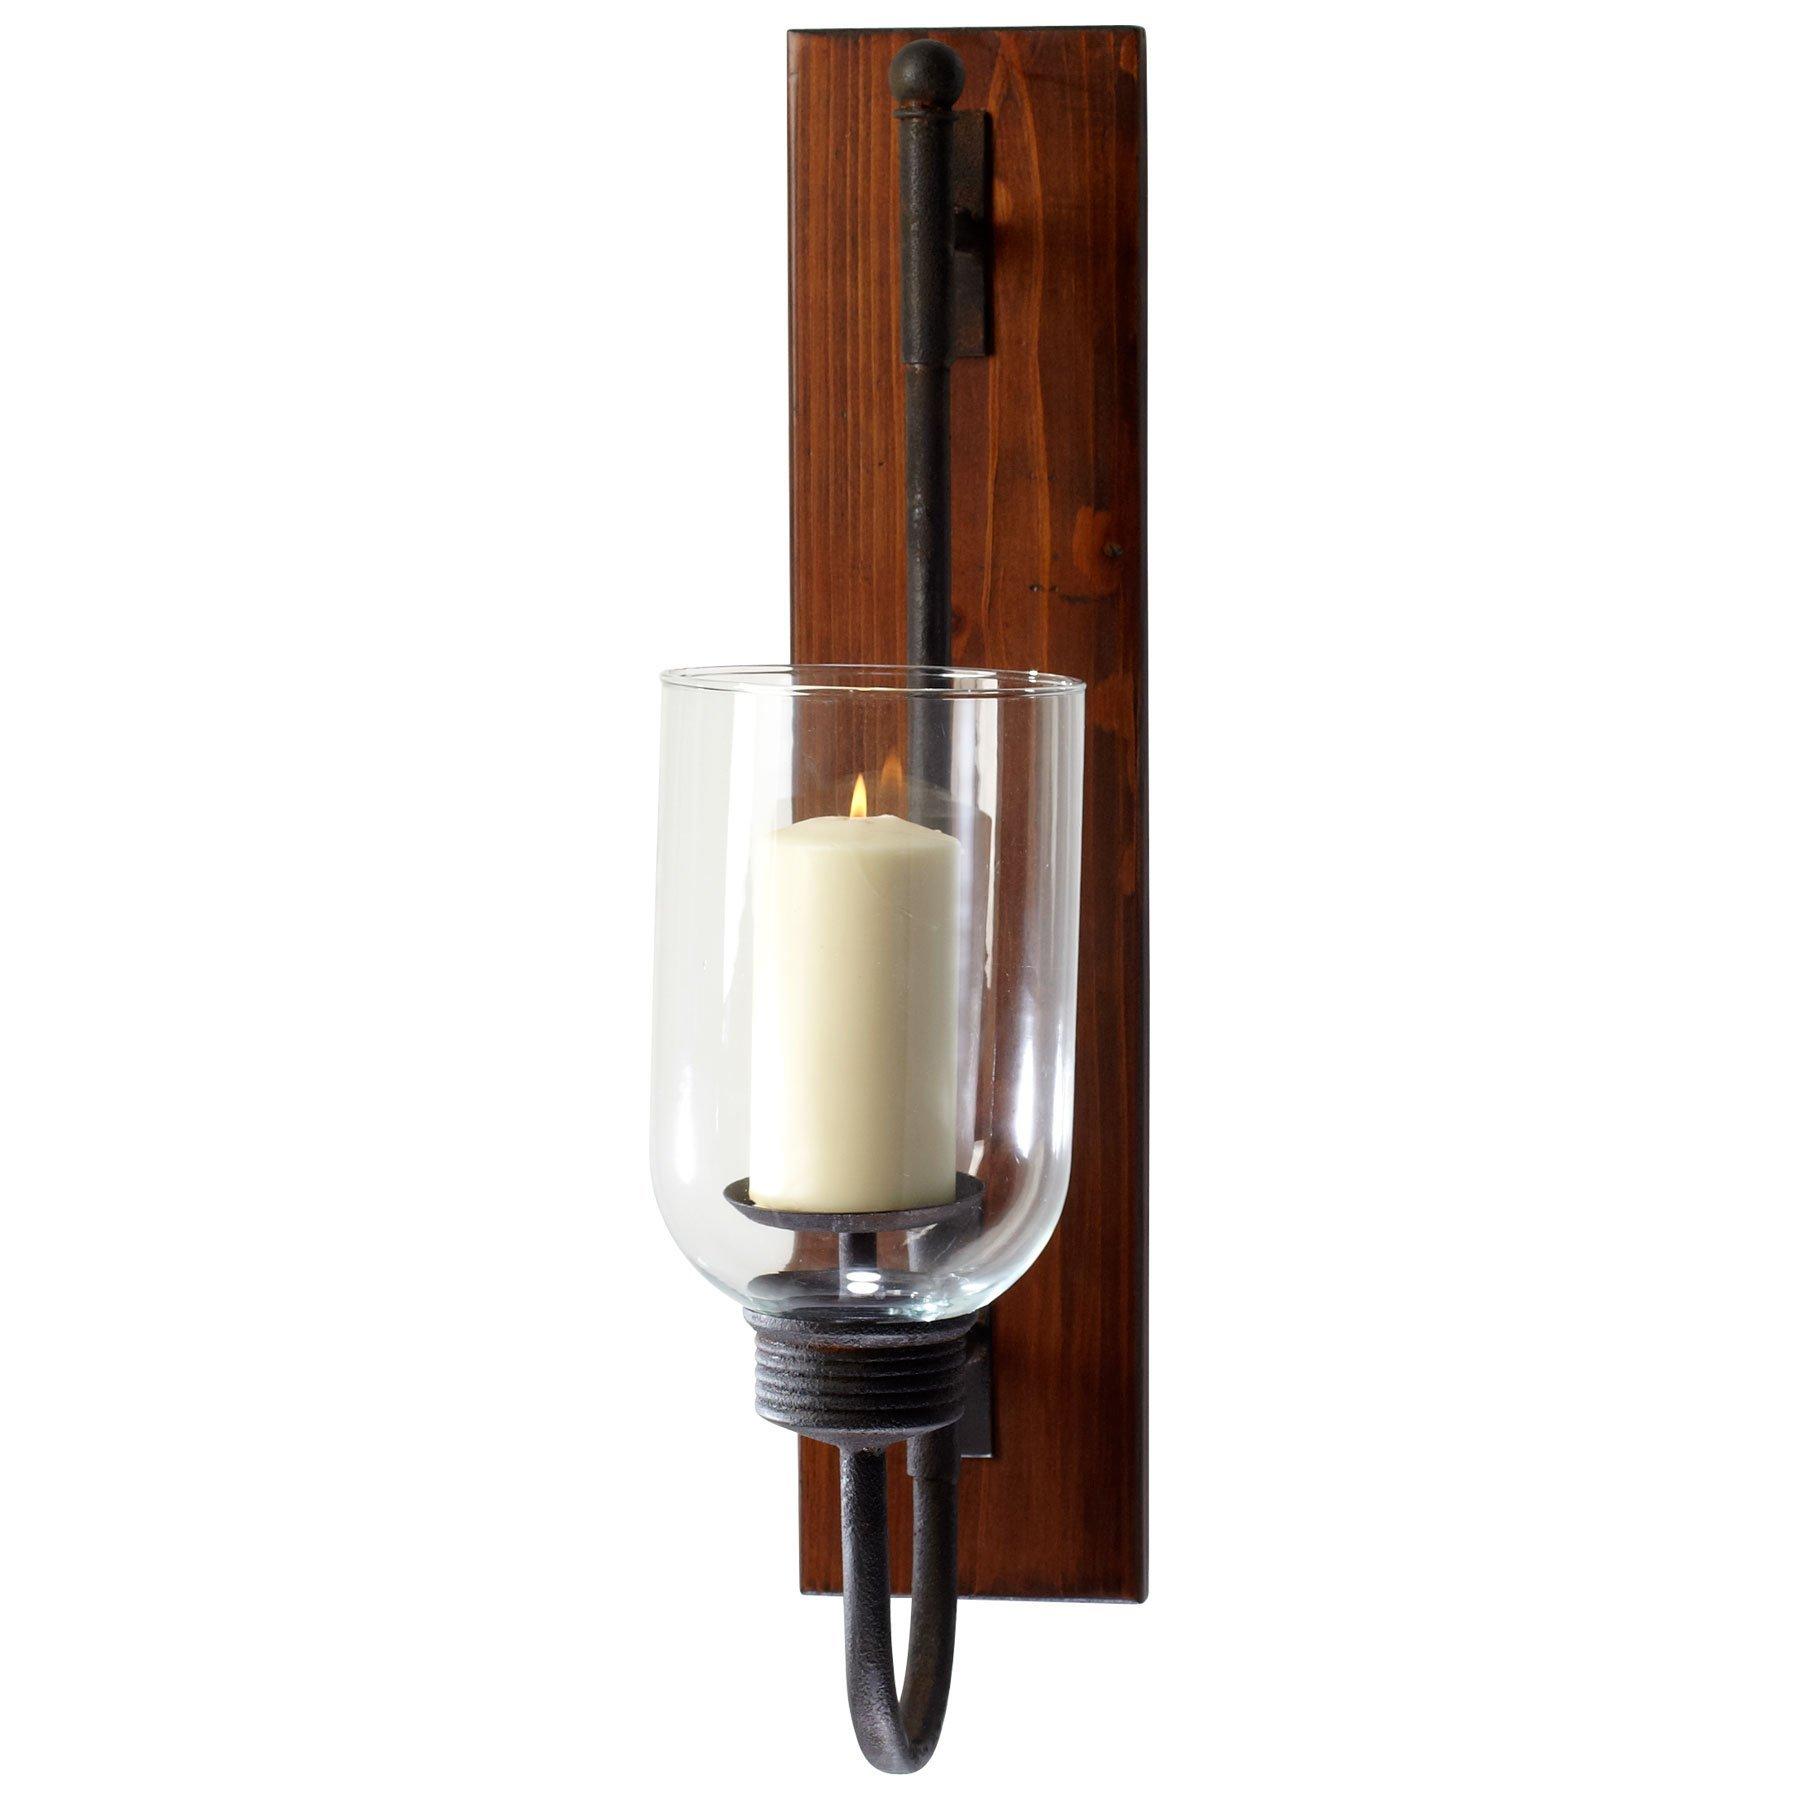 Cyan Design 4938 Sydney Wall Candleholder, Brown/Bronze/Rust by Cyan Design